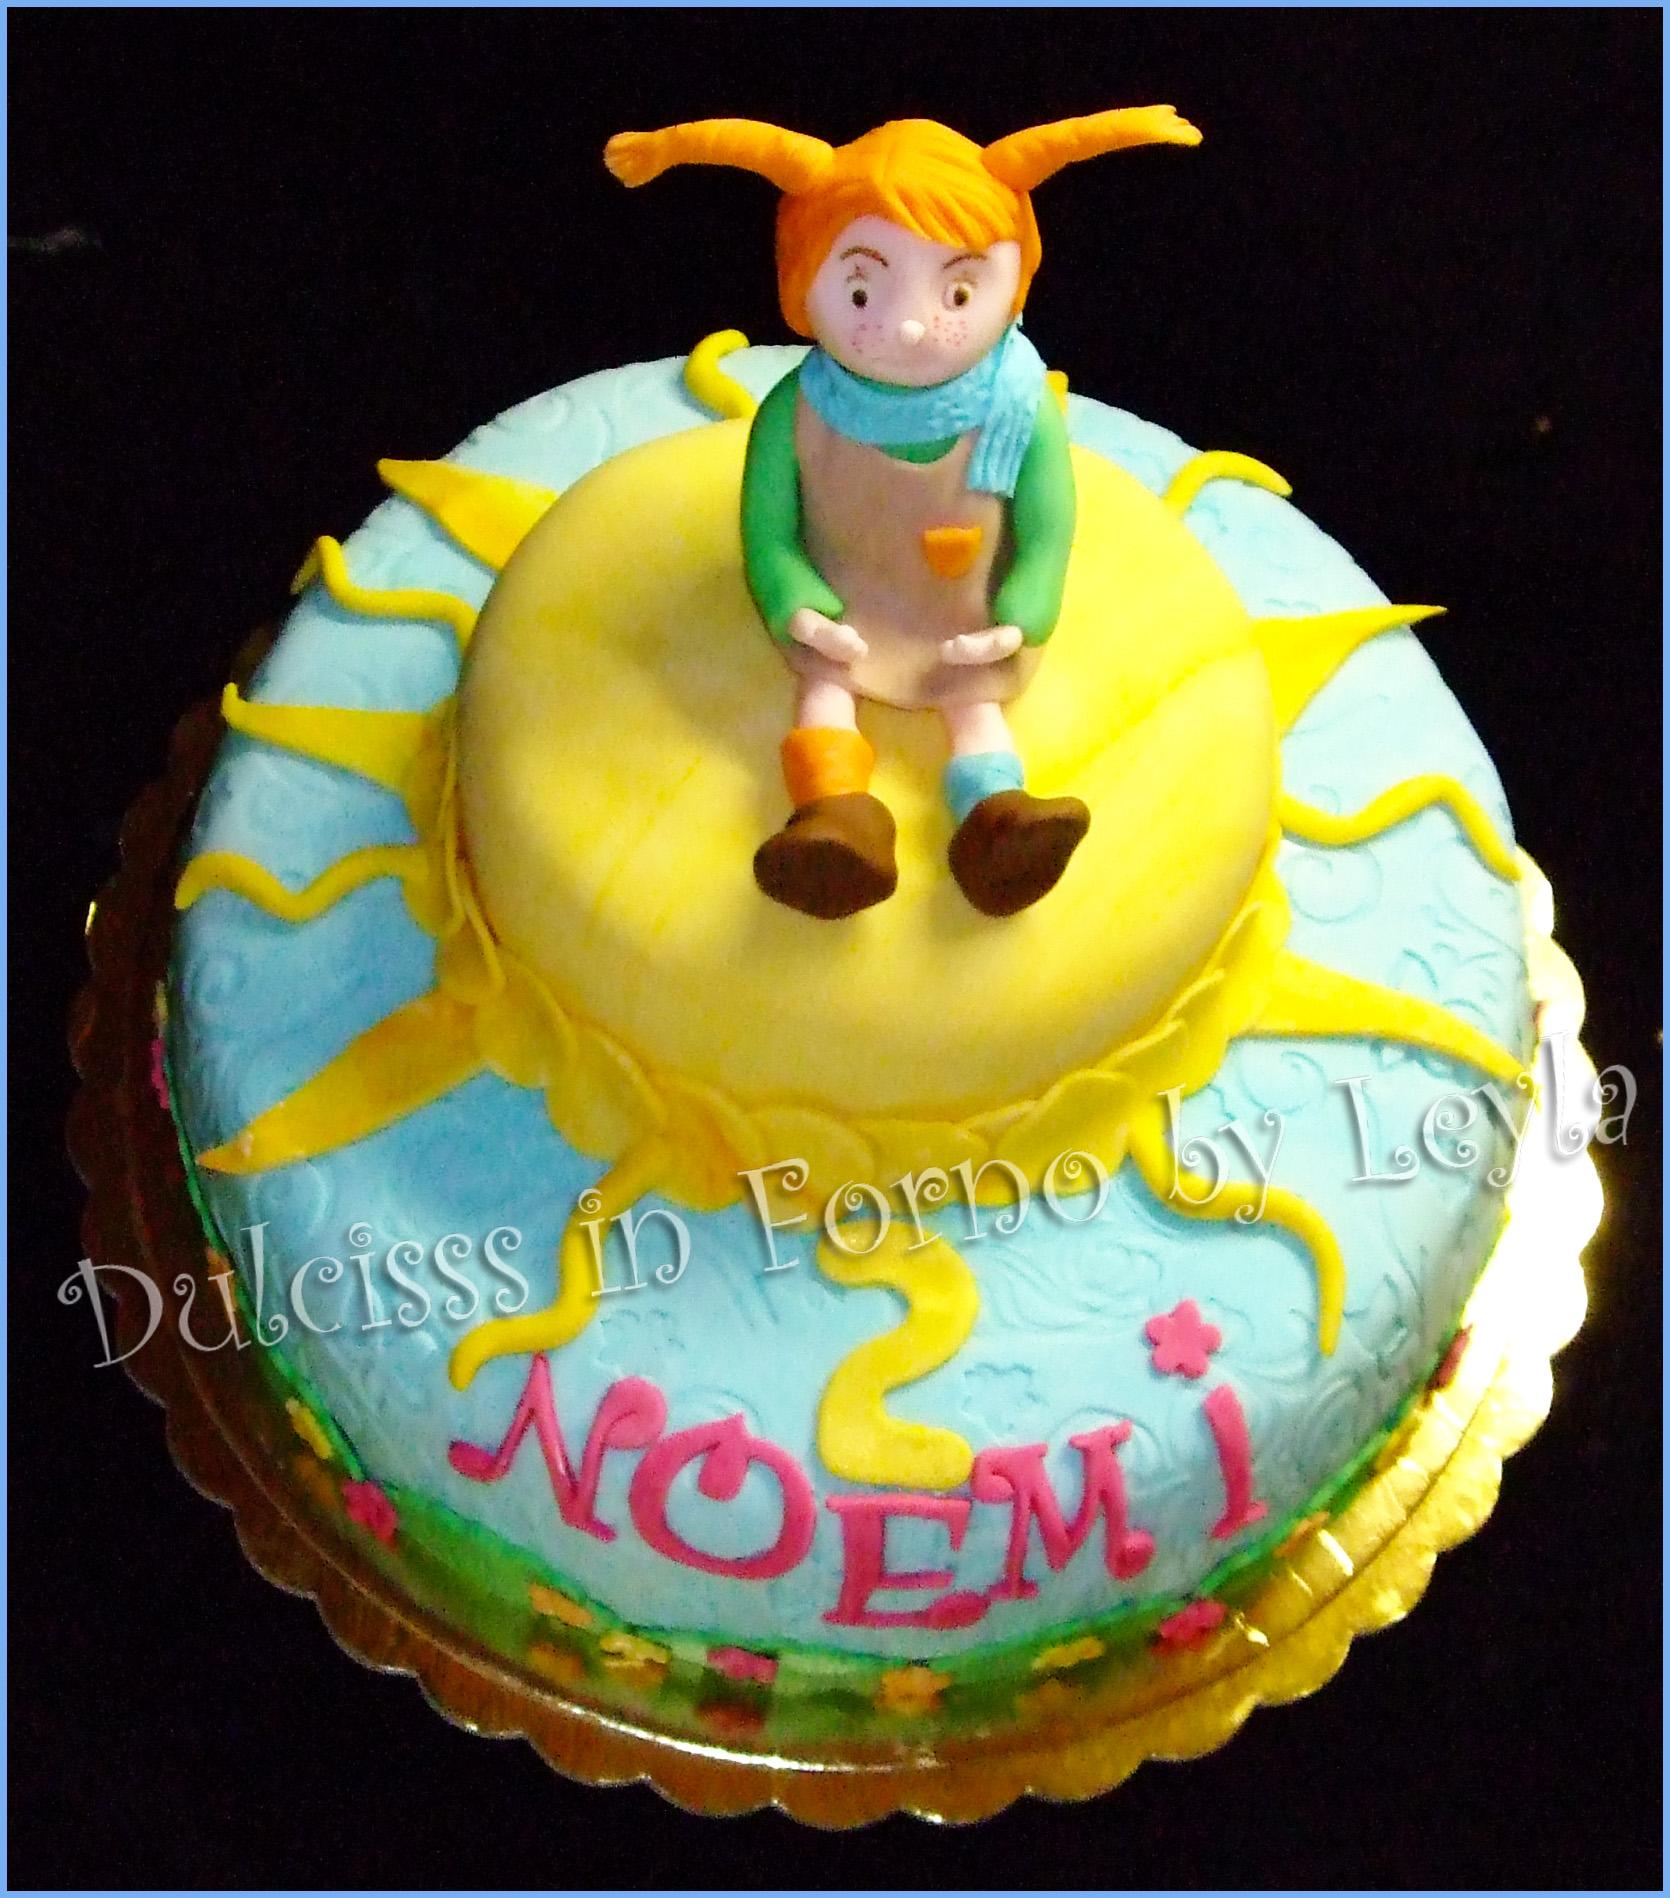 Torta Pippi Calzelunghe, decorata in pasta di zucchero, versione solare PDZ 3D Dulcisss in forno torta di compleanno per bambini